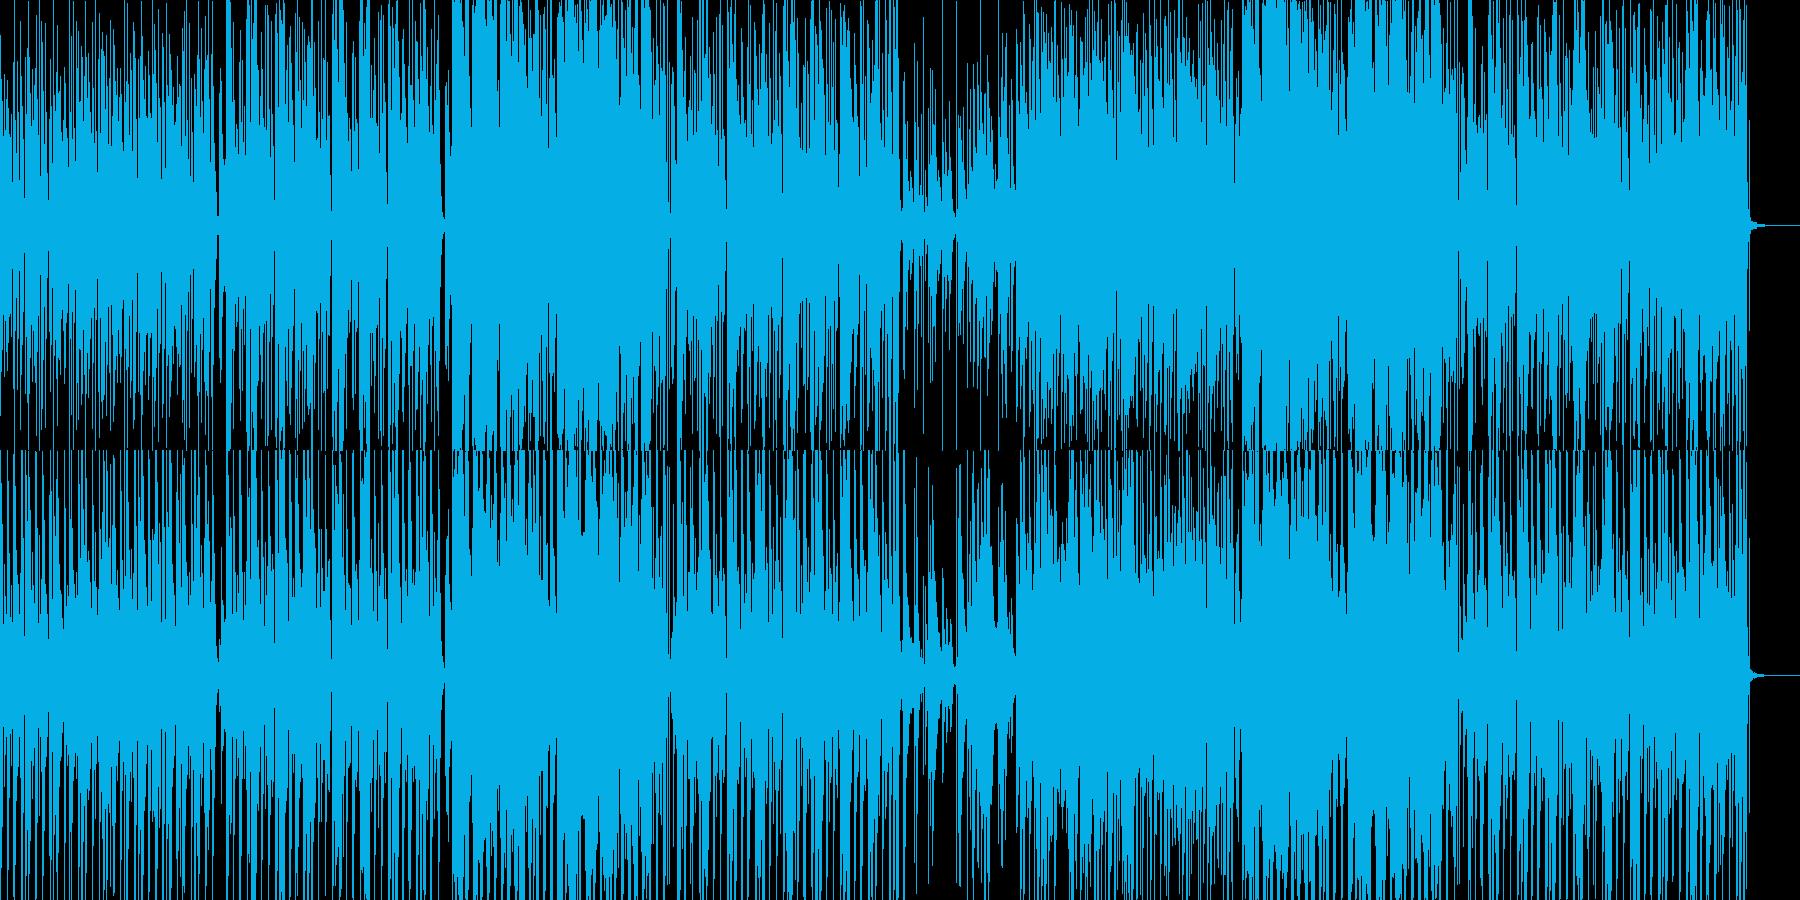 ピアノとエレキと笛のインフォグラフィックの再生済みの波形